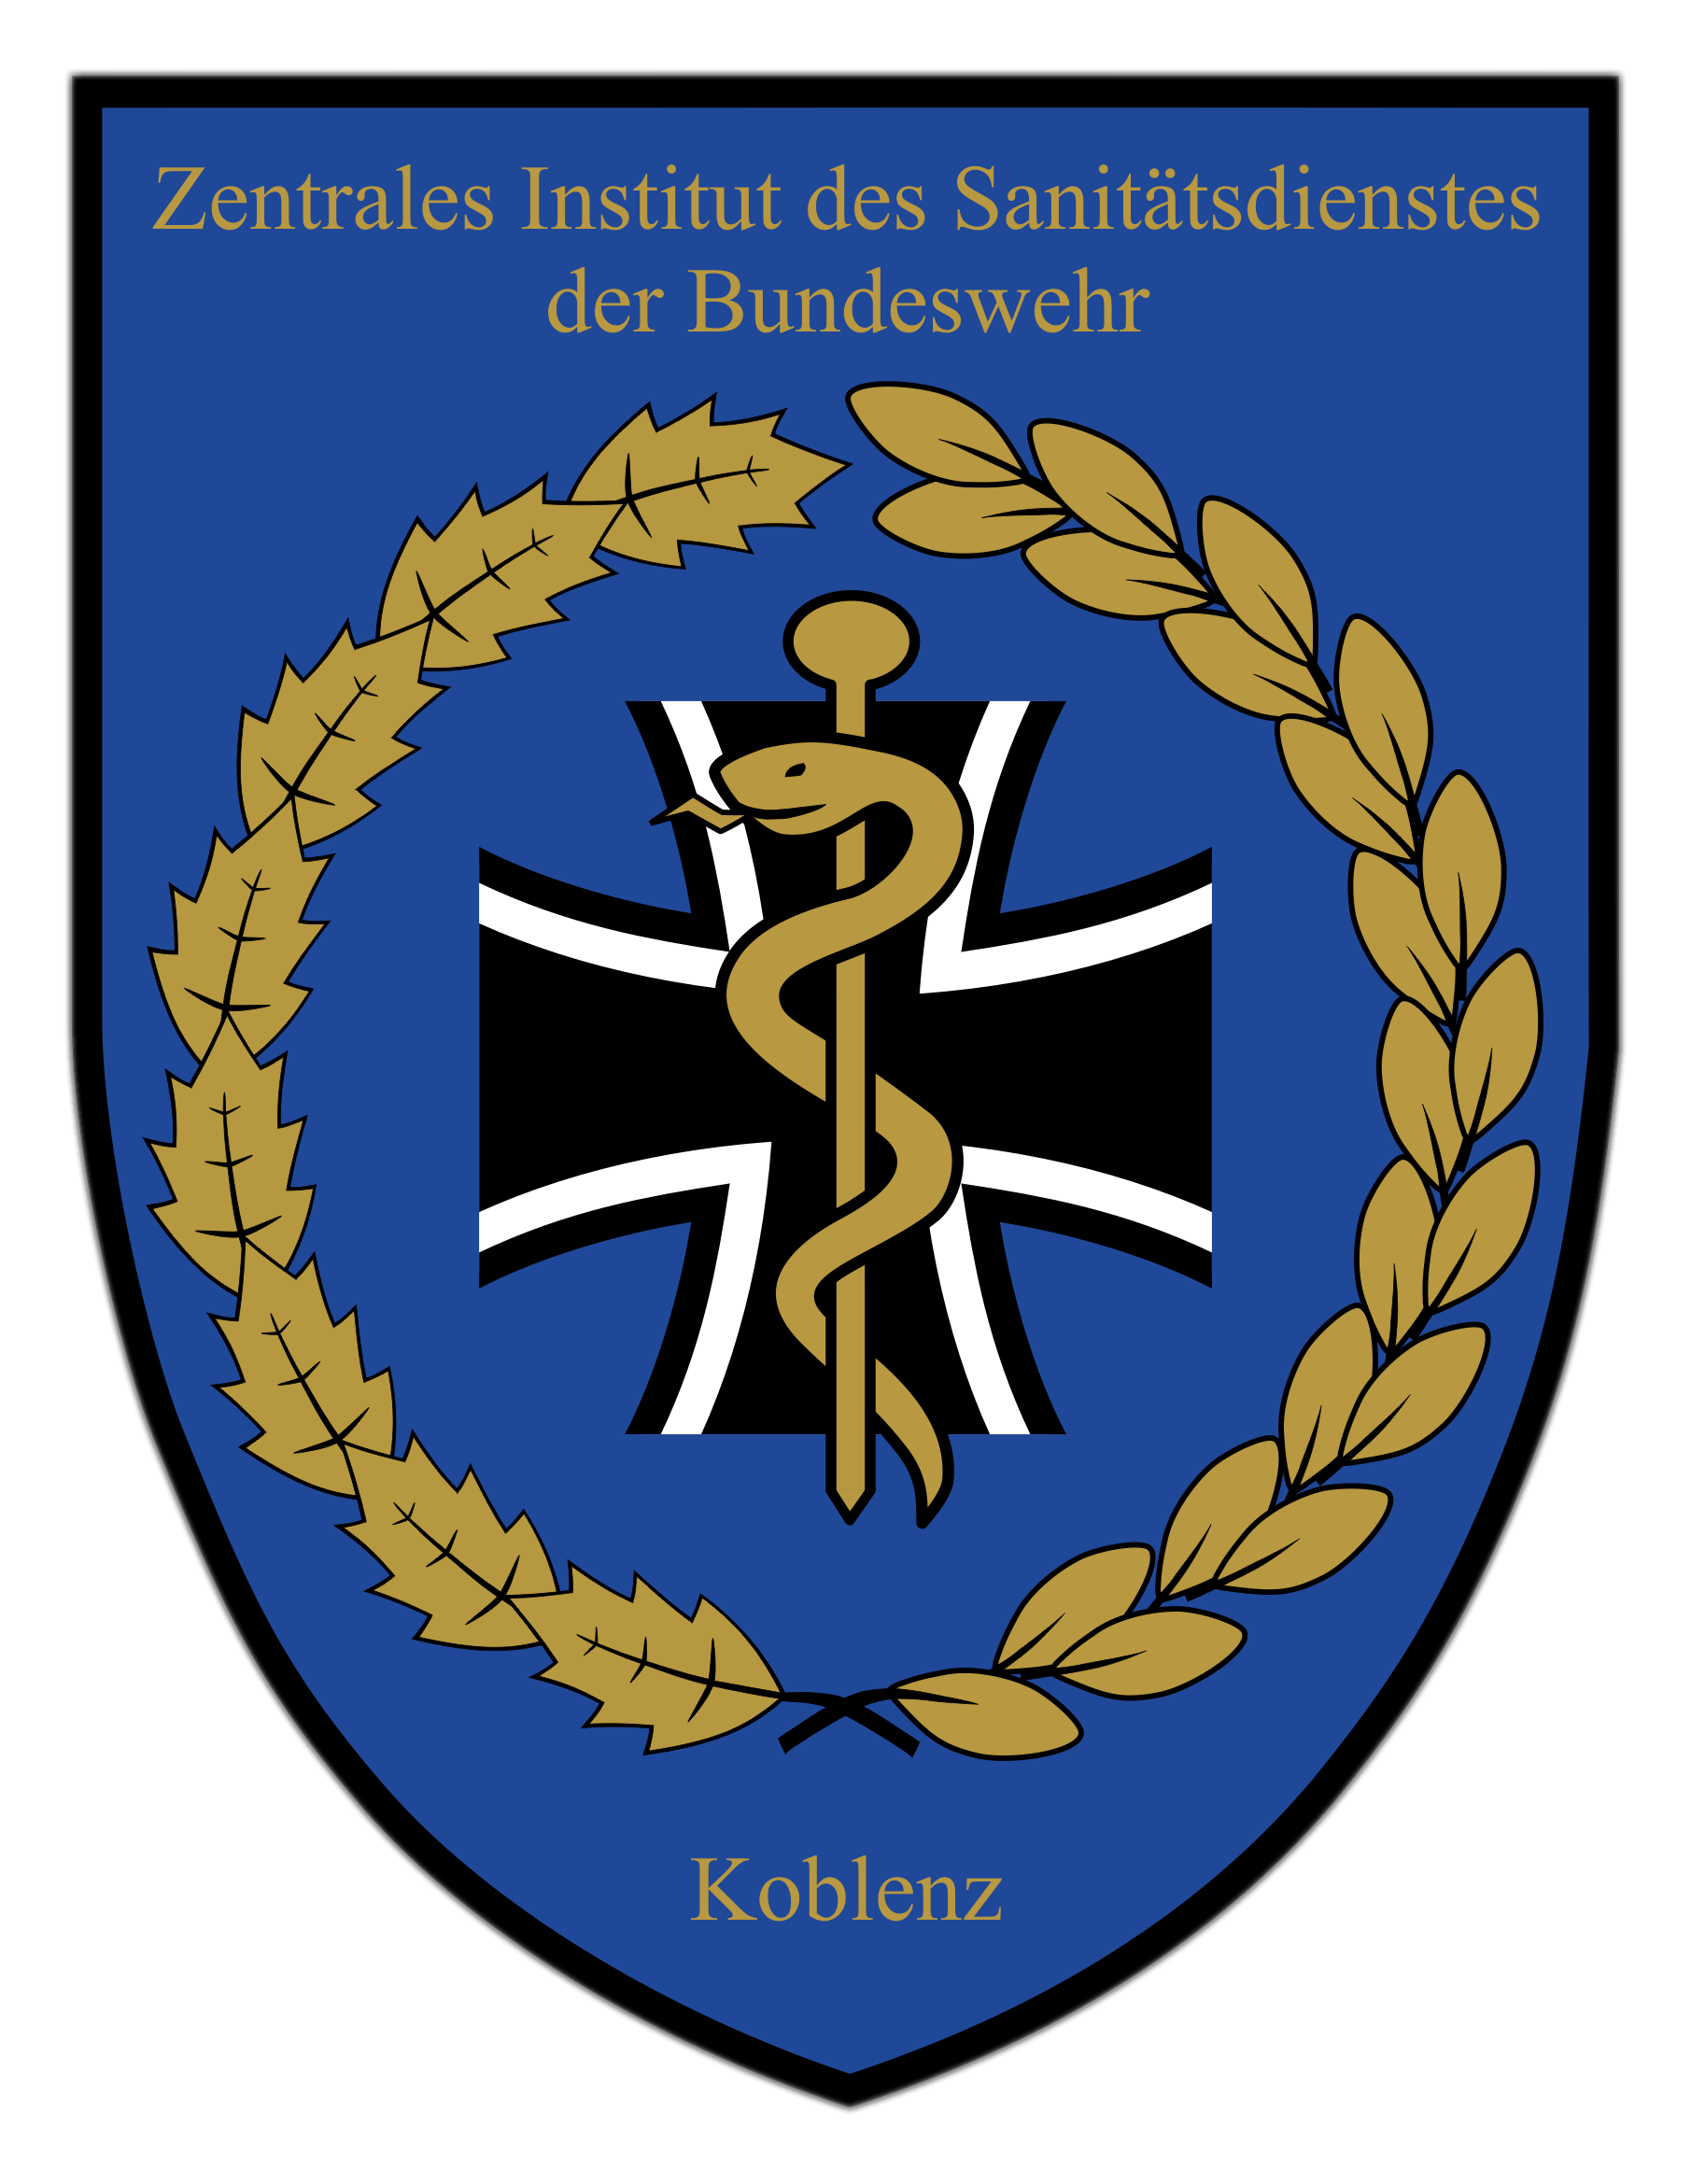 Sanitätsdienst bundeswehr wappen  Sanitätsdienst Bundeswehr Wappen | gispatcher.com